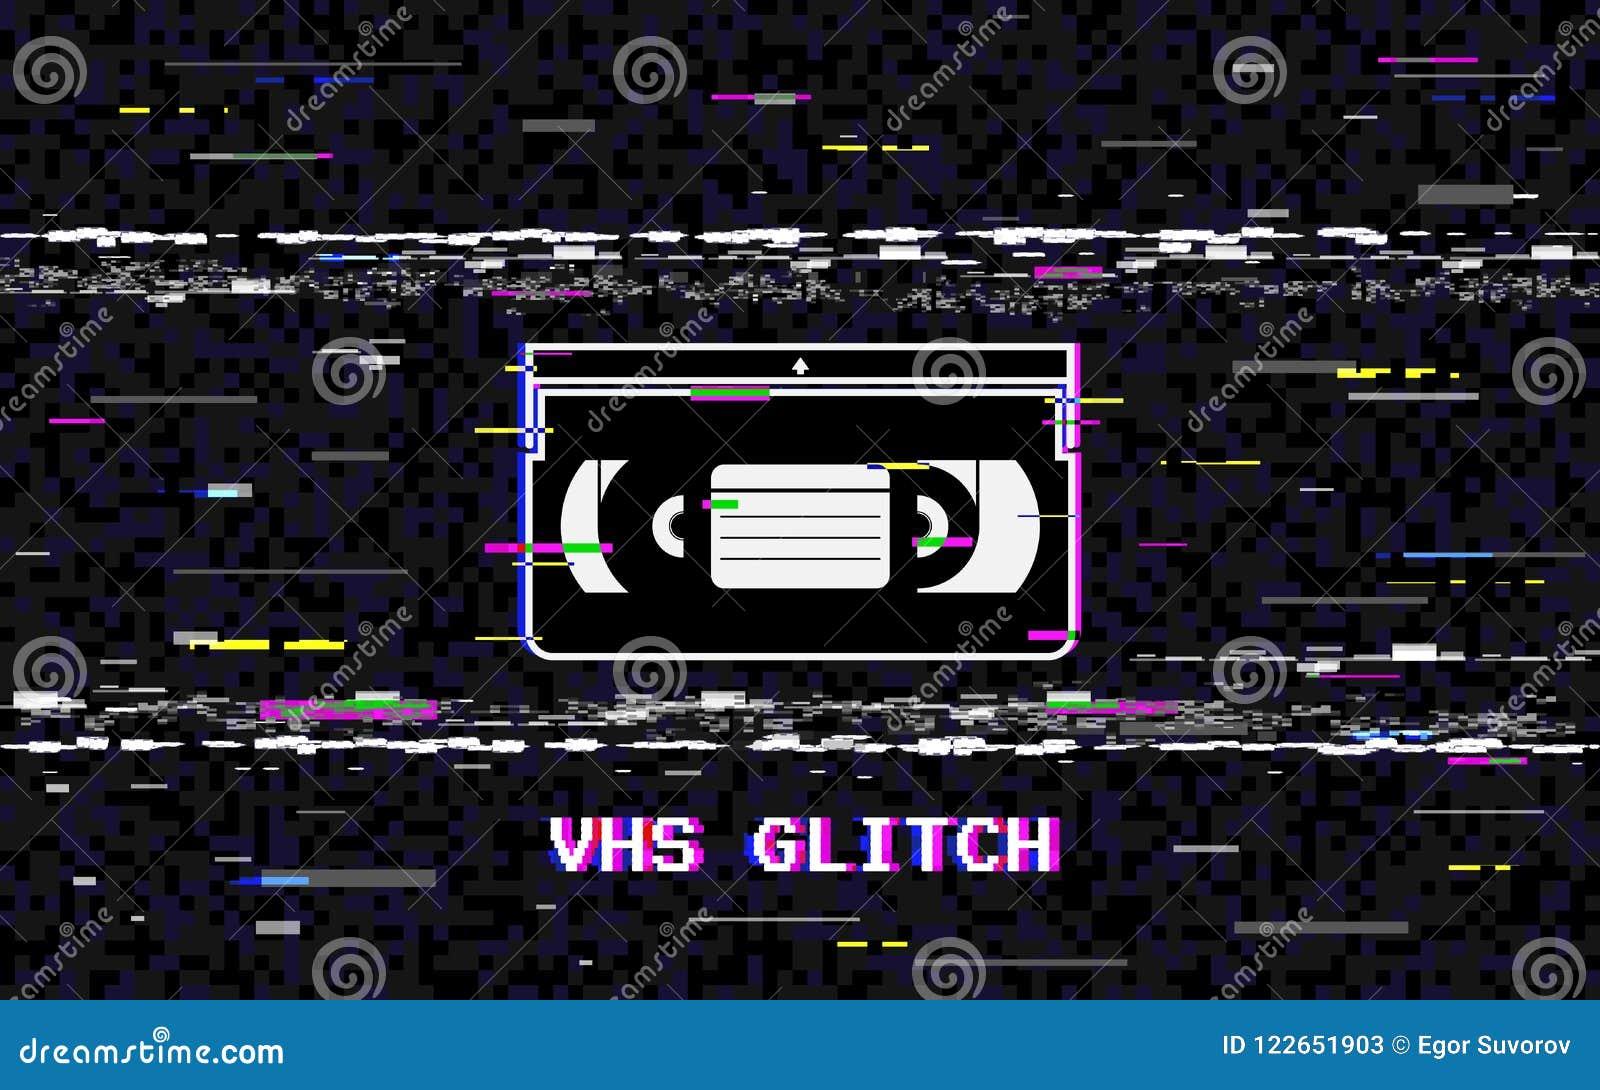 Störschubvideokassette Abstrakte weiße horizontale Verzerrungen VHS-Konzept GlitchedLeitungsgeräusch Retro- Hintergrund 80s